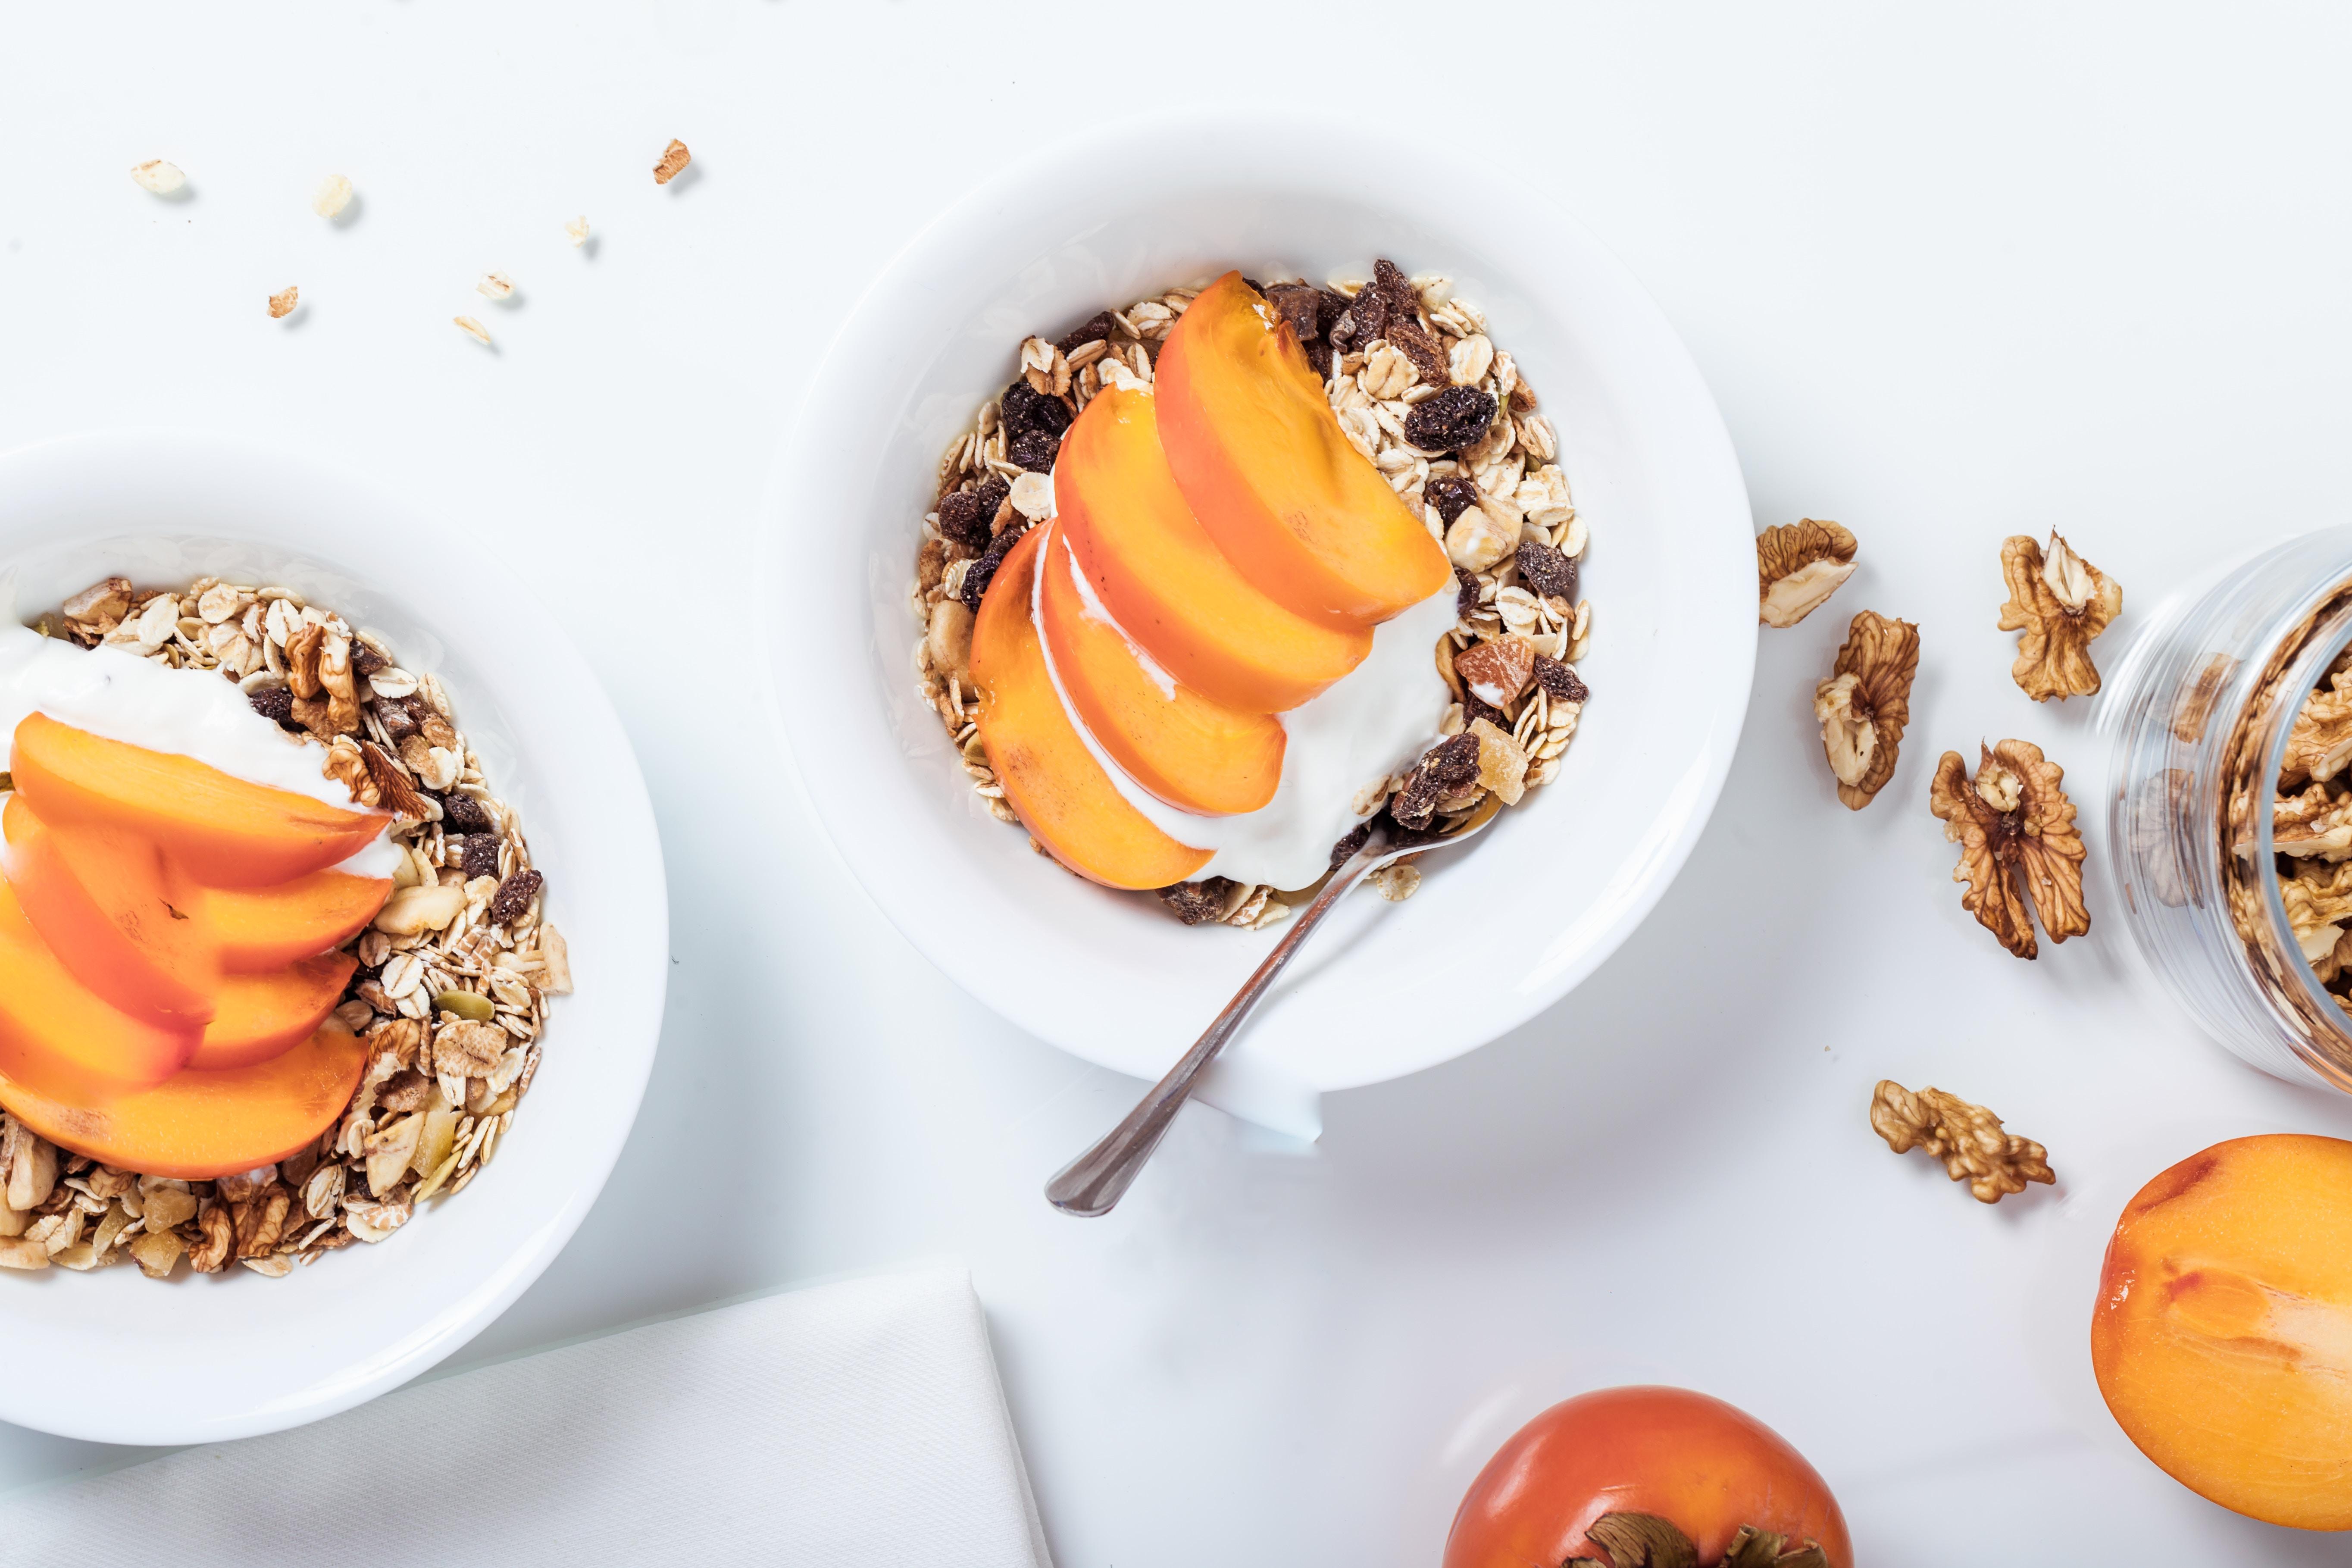 Lunchbox: Schüsseln mit Müsli, Joghurt und aufgeschnittenem Obst auf weißen Untergrund